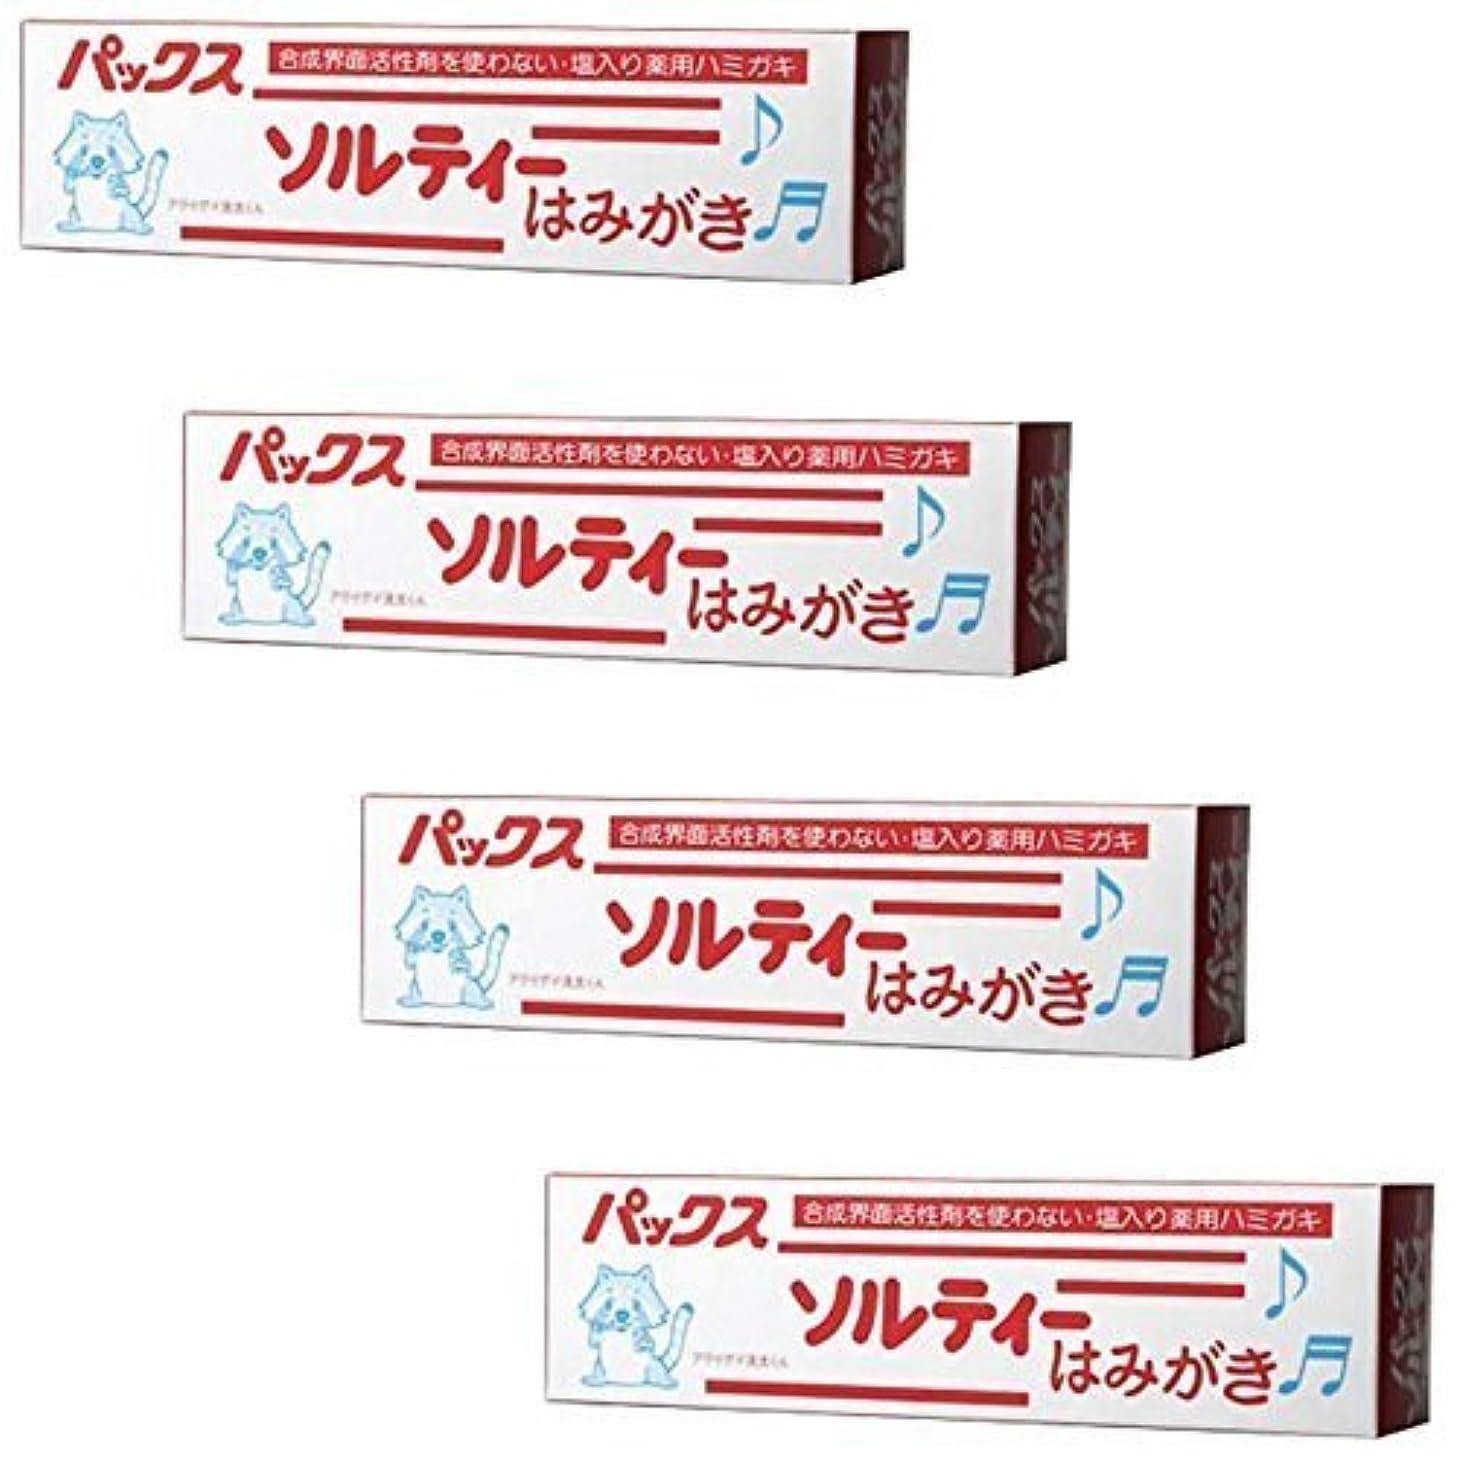 急流装備する専ら【セット品】パックスソルティーはみがき 80g (塩歯磨き粉) (80g×4個)